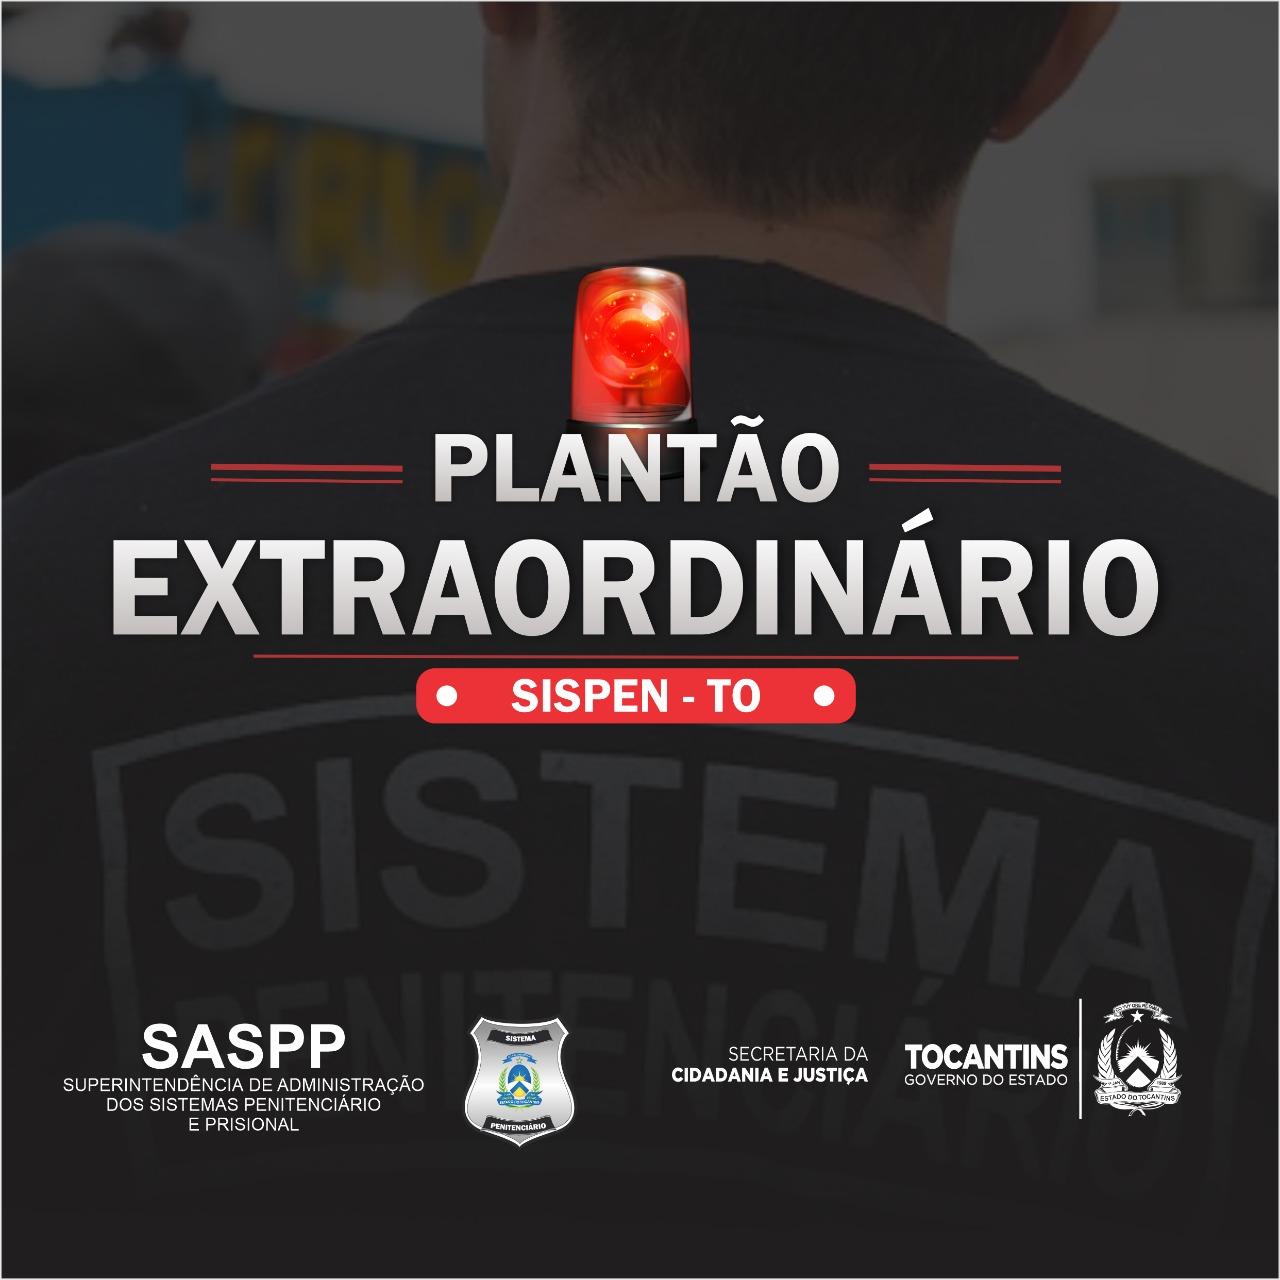 Sistema Penitenciário e Prisional do Tocantins inicia as atividades do plantão extraordinário